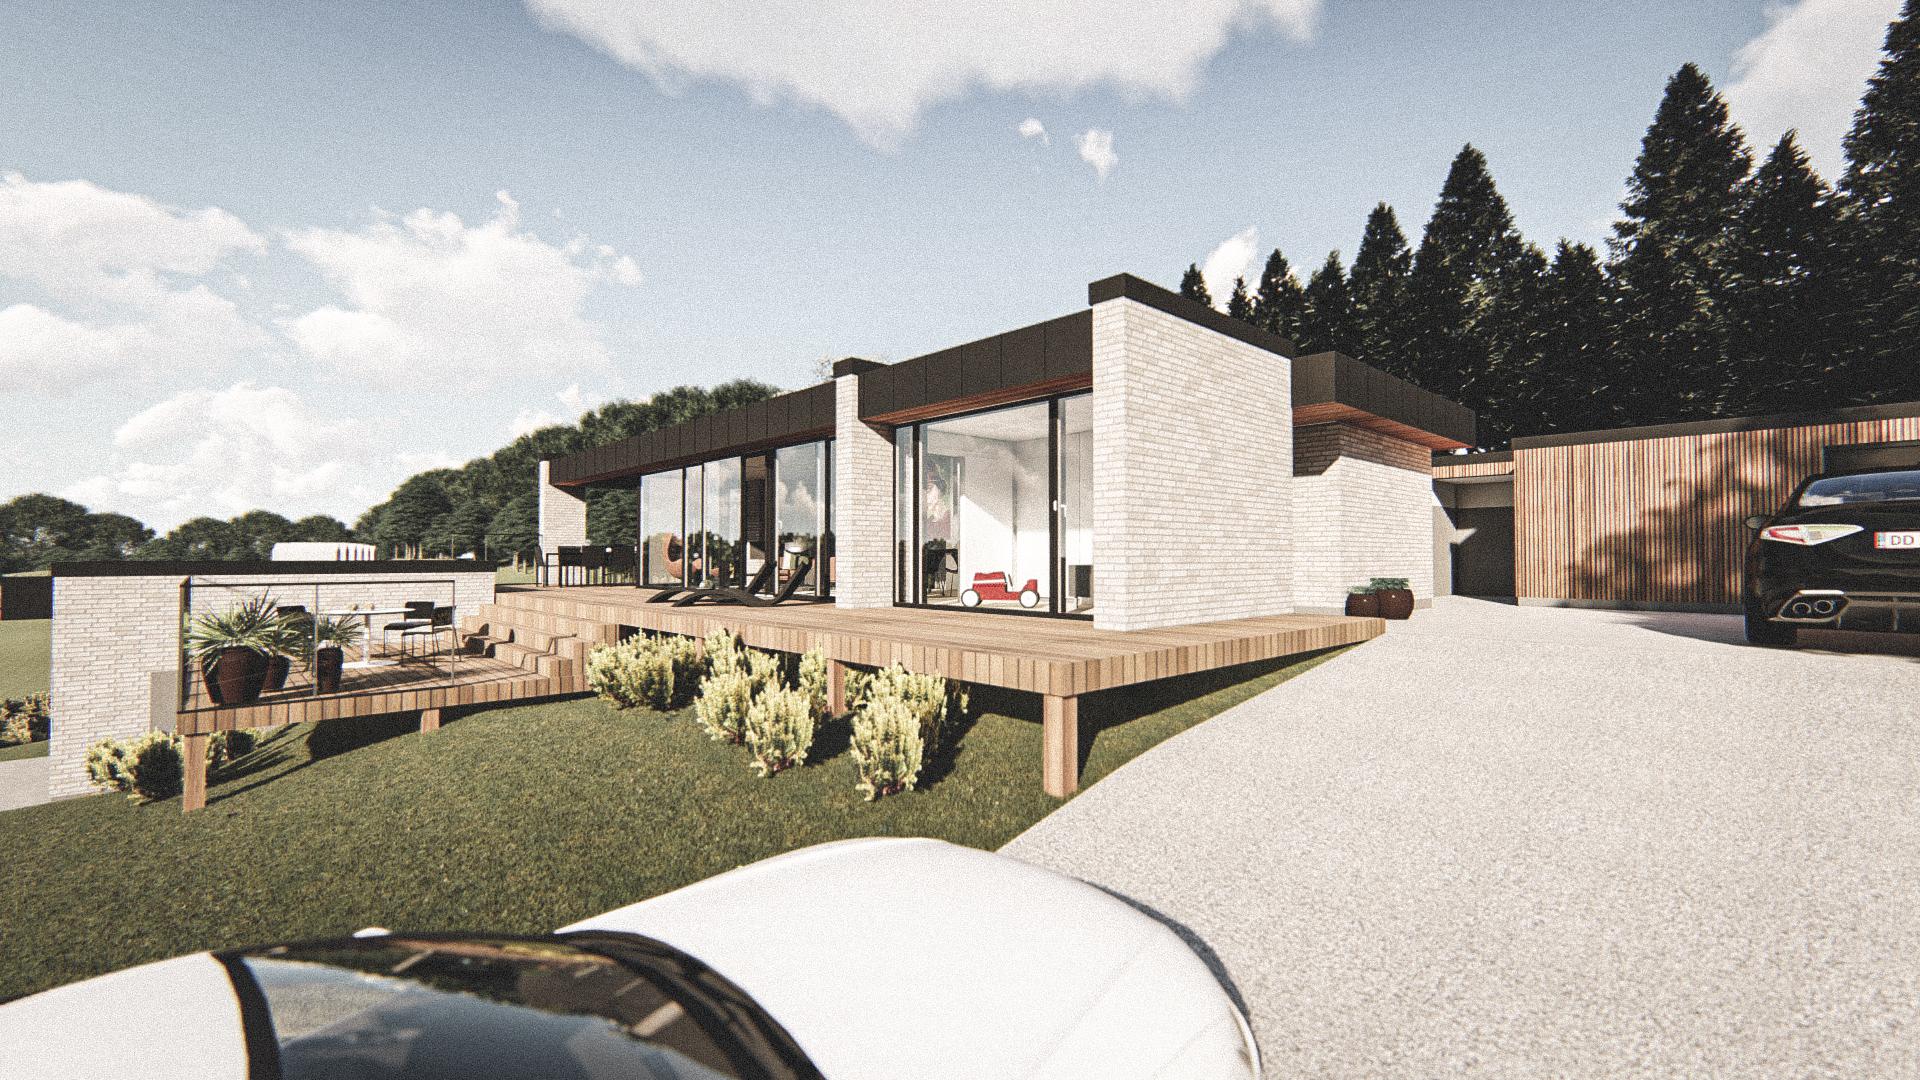 Billede af Dansk arkitekttegnet 1 plan villa af arkitektfirmaet m2plus, i Rønde på 119 kvartratmeter.